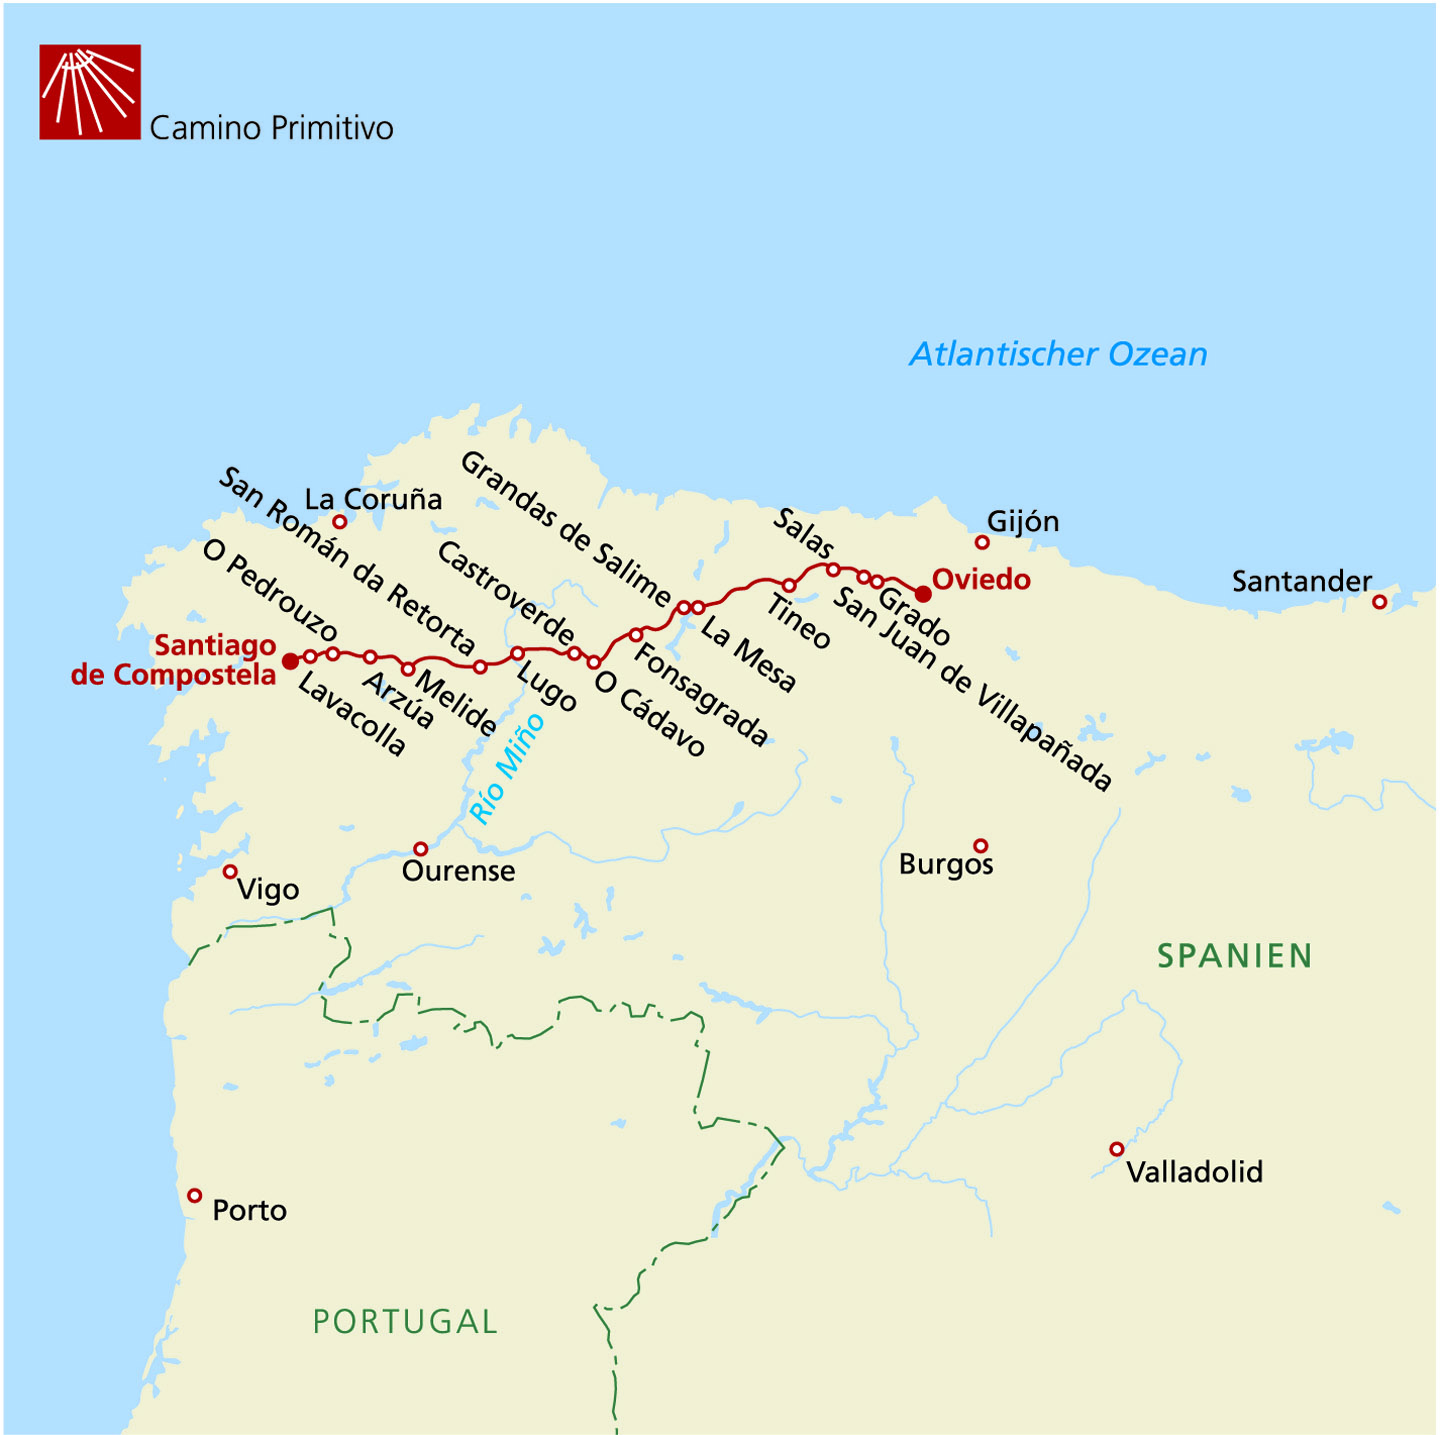 Jakobsweg Franken Karte.Camino Primitivo Gesamtstrecke Individuell Wandern Auf Dem